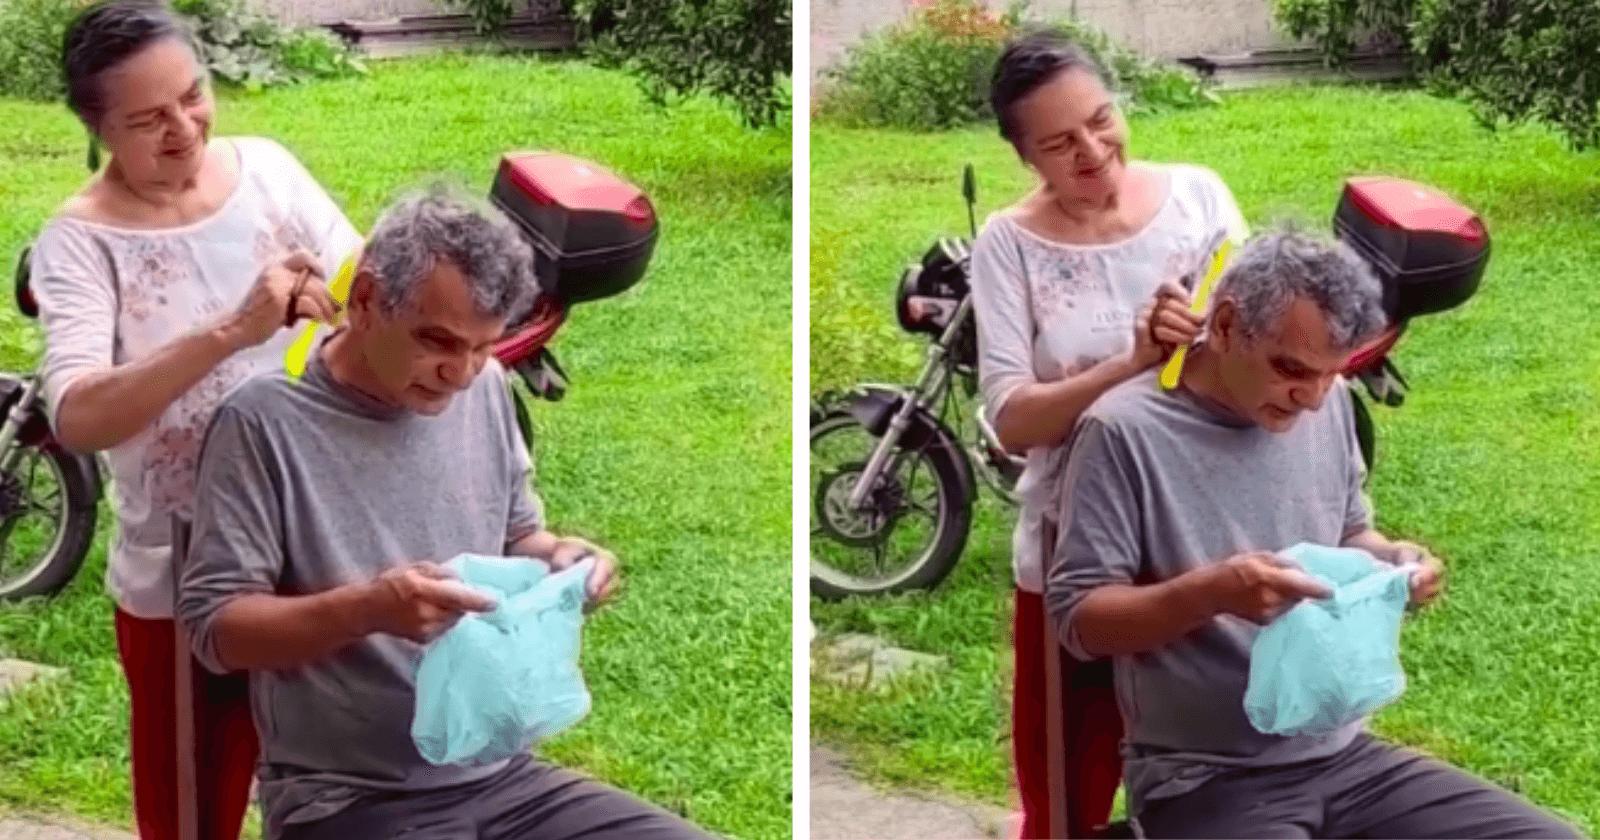 Neto encontra avós em momento fofo e ouve a melhor conversa: 'digno de registro, não visualização'